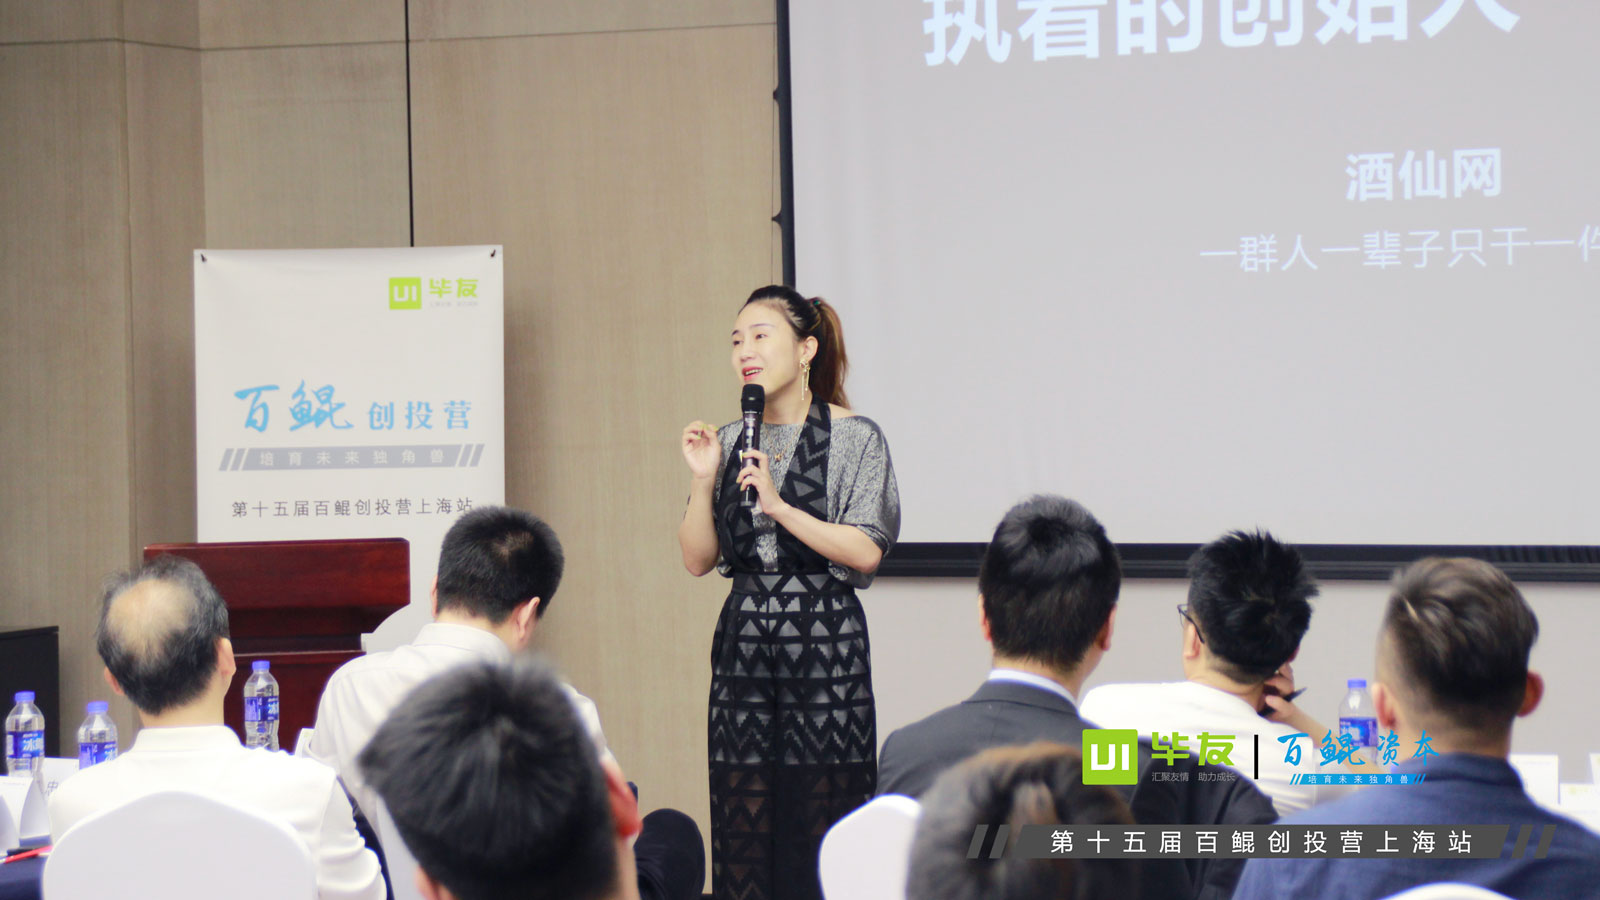 存量时代的集中模型是种内替代|第十五届百鲲创投营(上海站)Day2